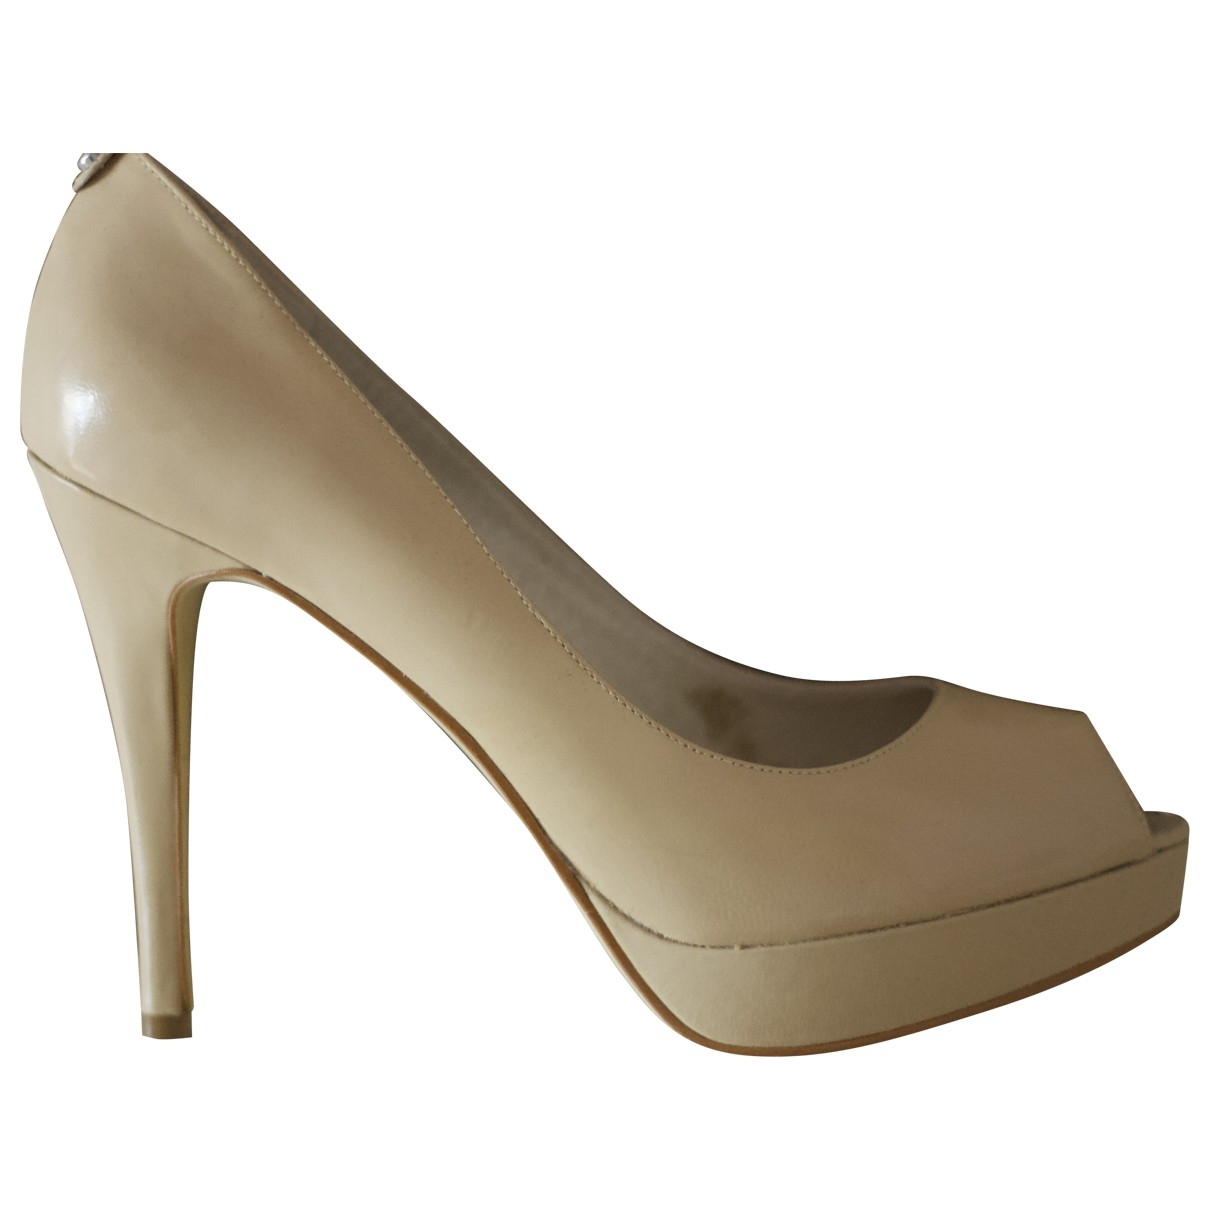 Michael Kors - Escarpins   pour femme en cuir - beige